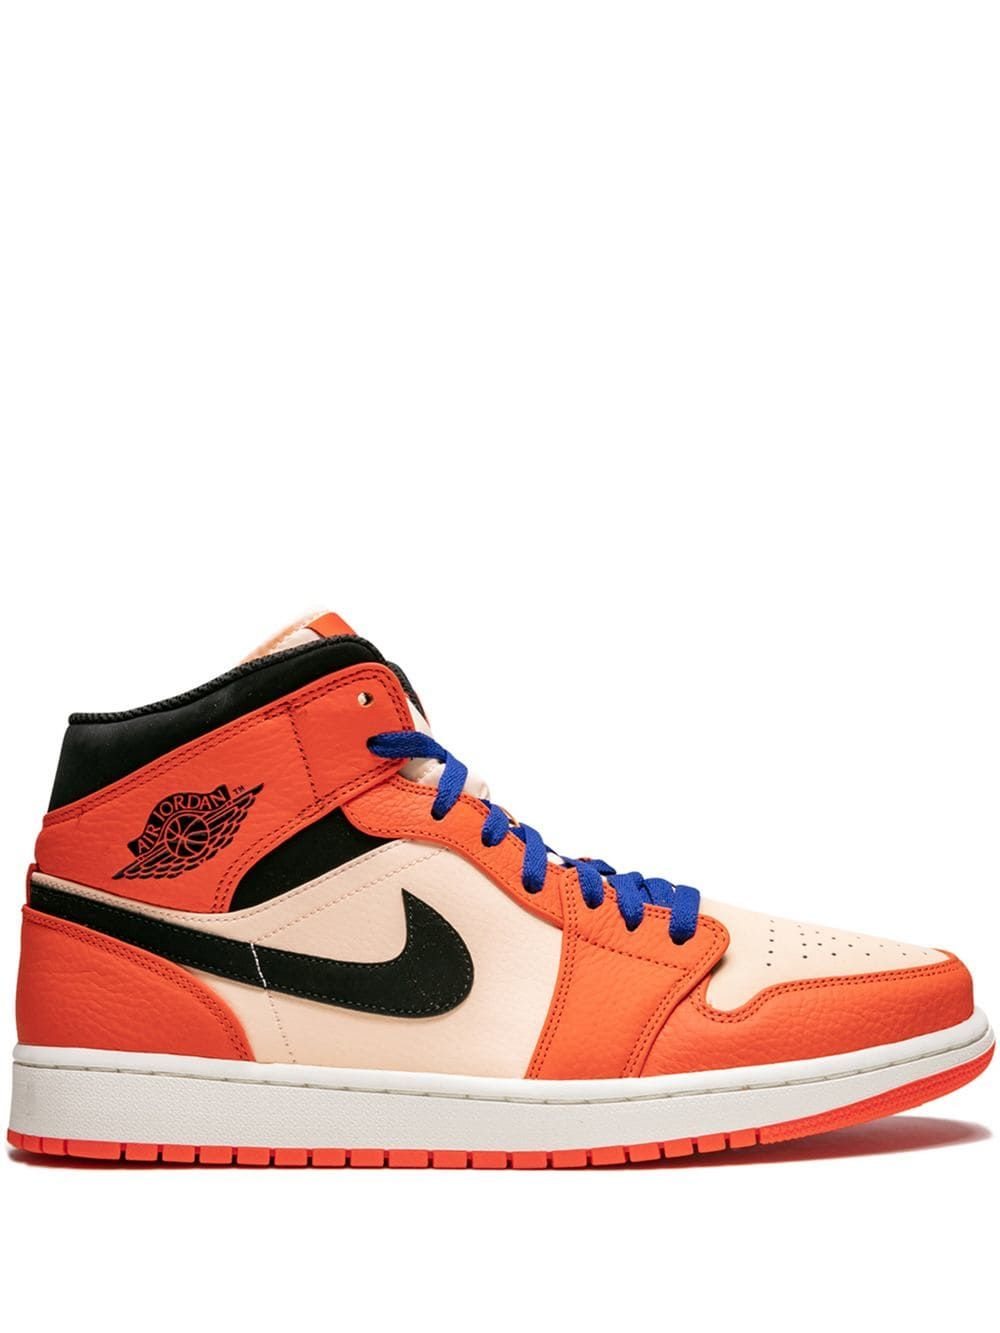 05a0d31568d7b5 JORDAN JORDAN AIR JORDAN 1 MID SE SNEAKERS - ORANGE.  jordan  shoes ...